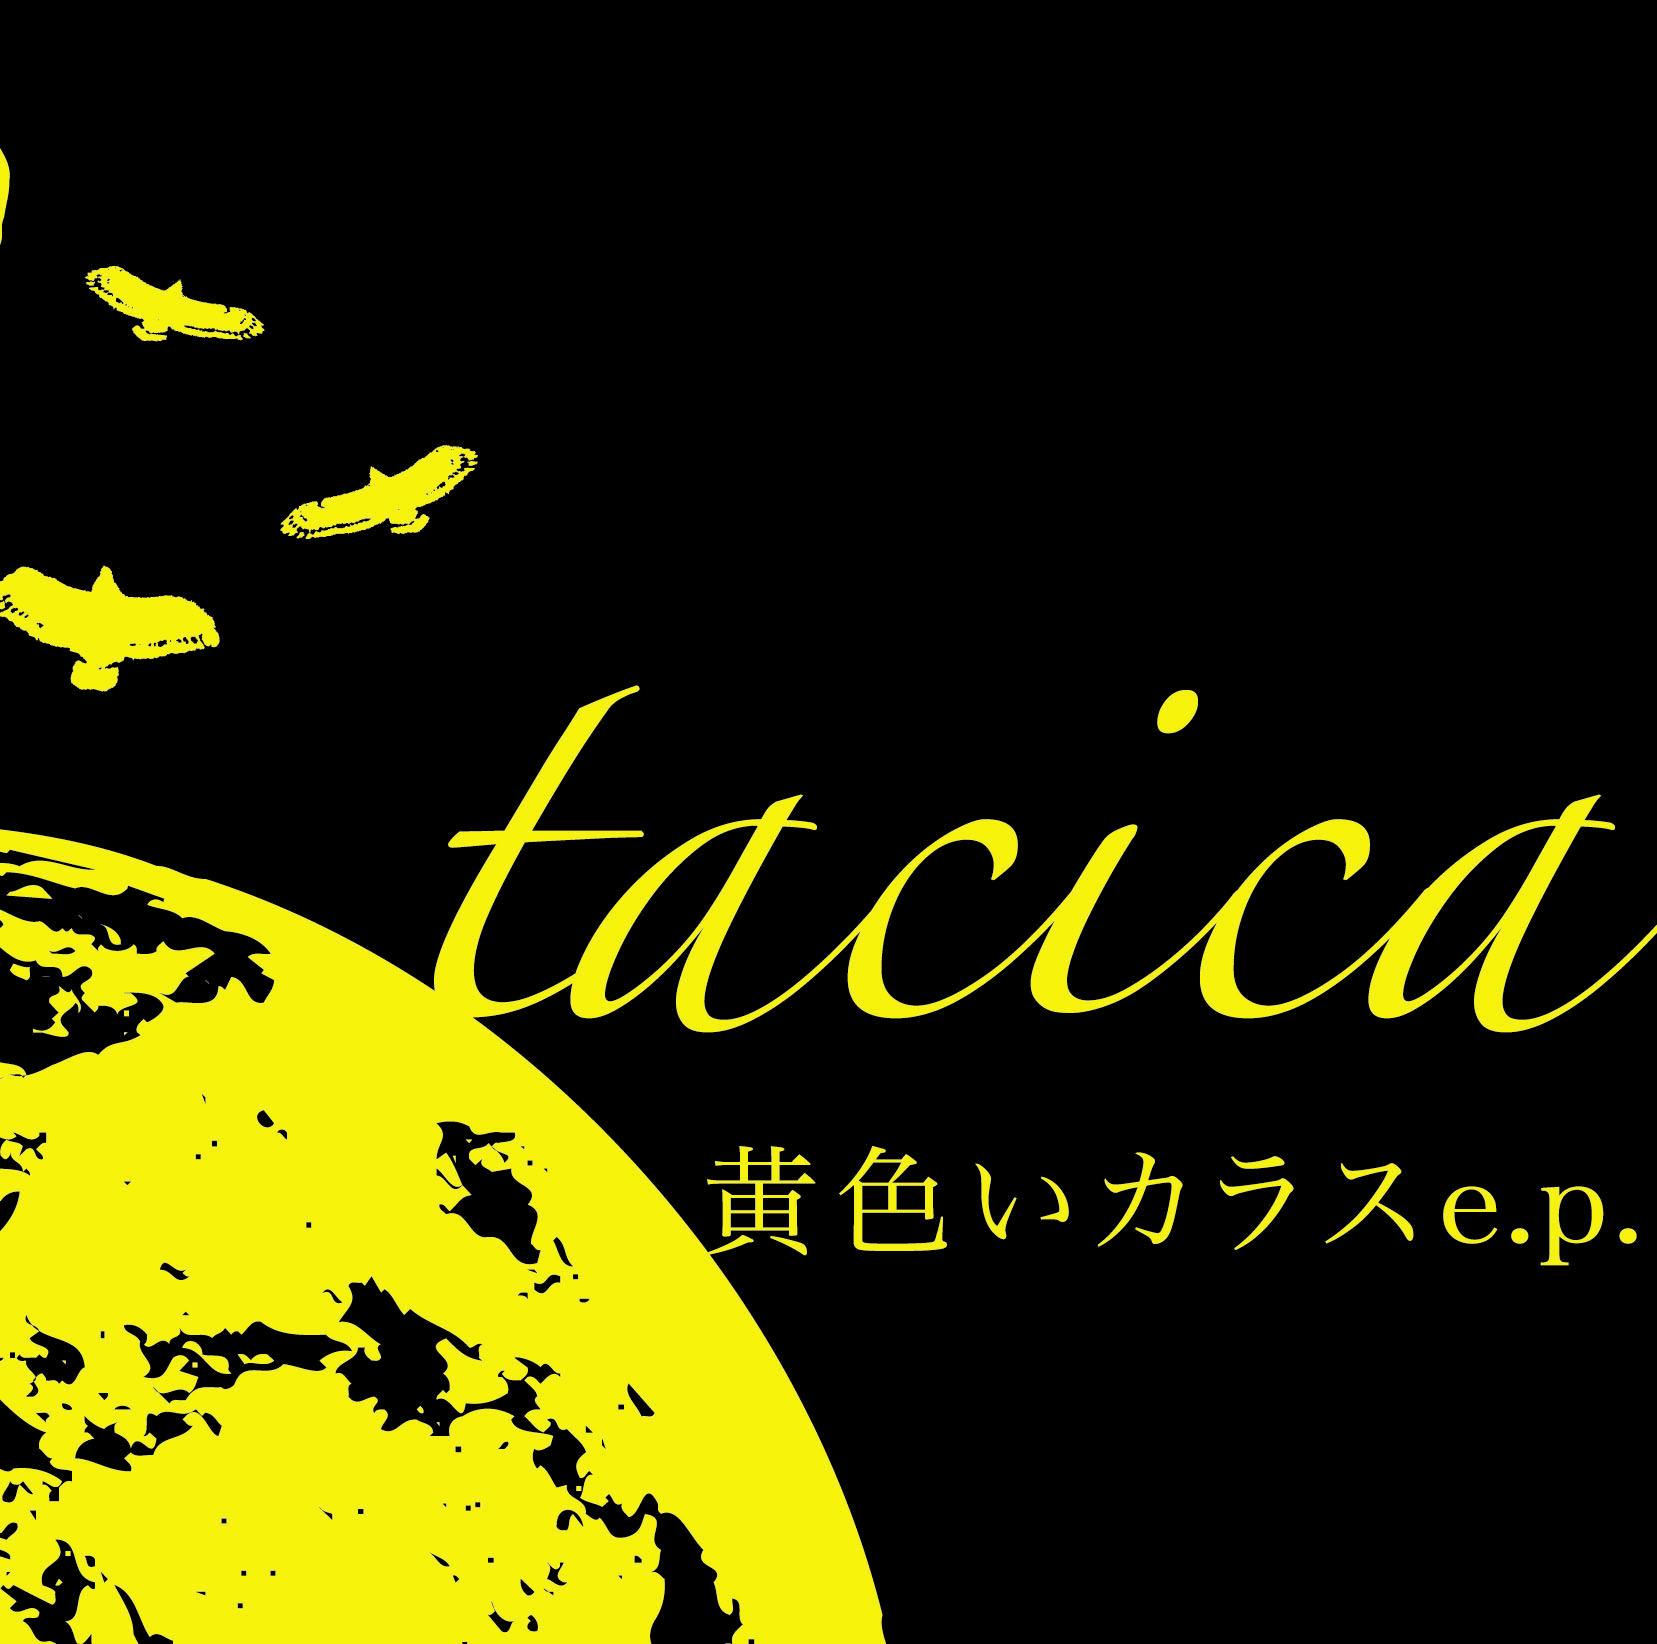 tacica 黄色いカラス